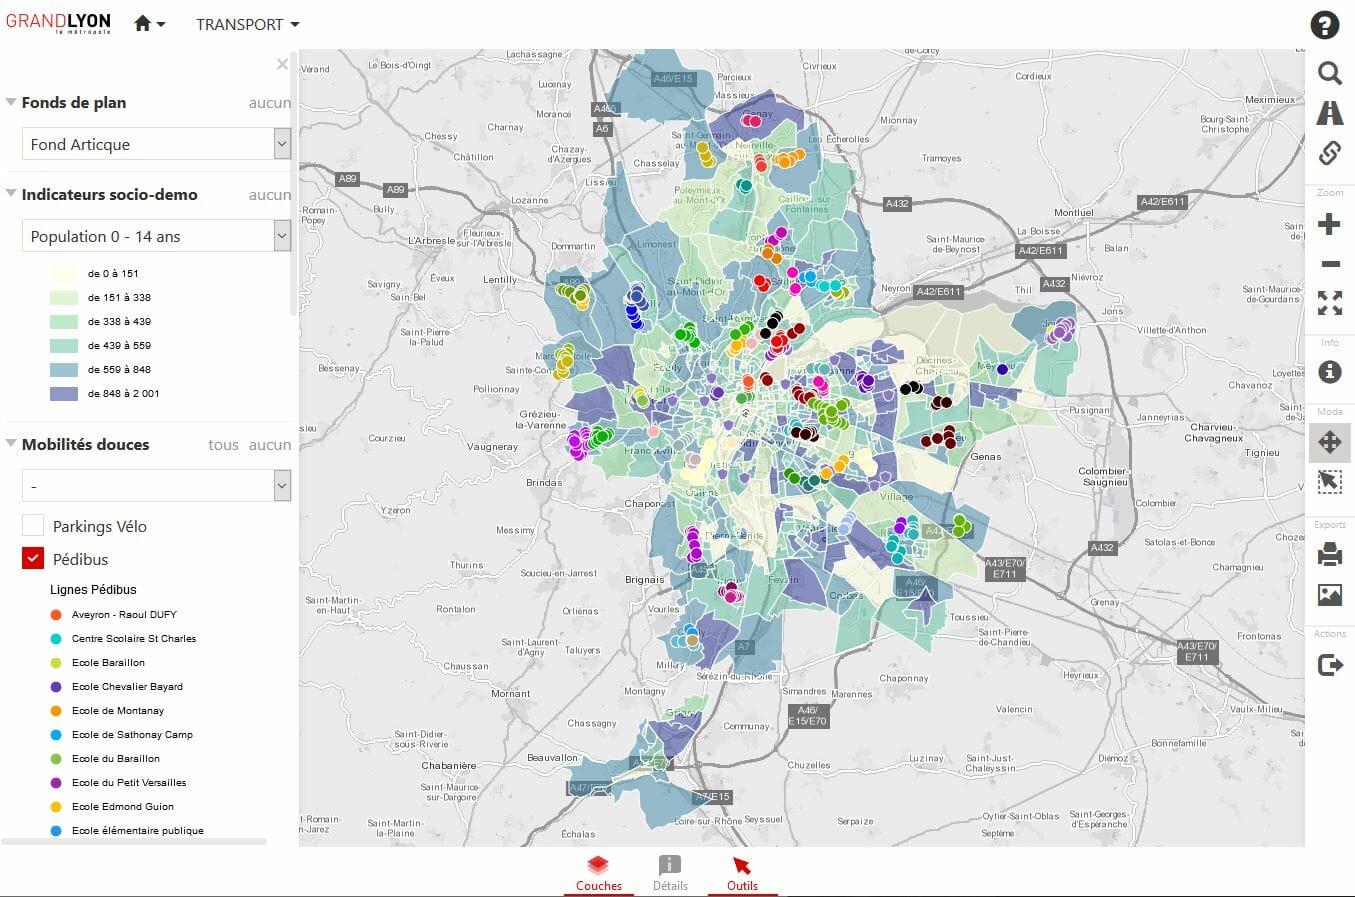 infrastructures de transport de la metropole du Grand Lyon